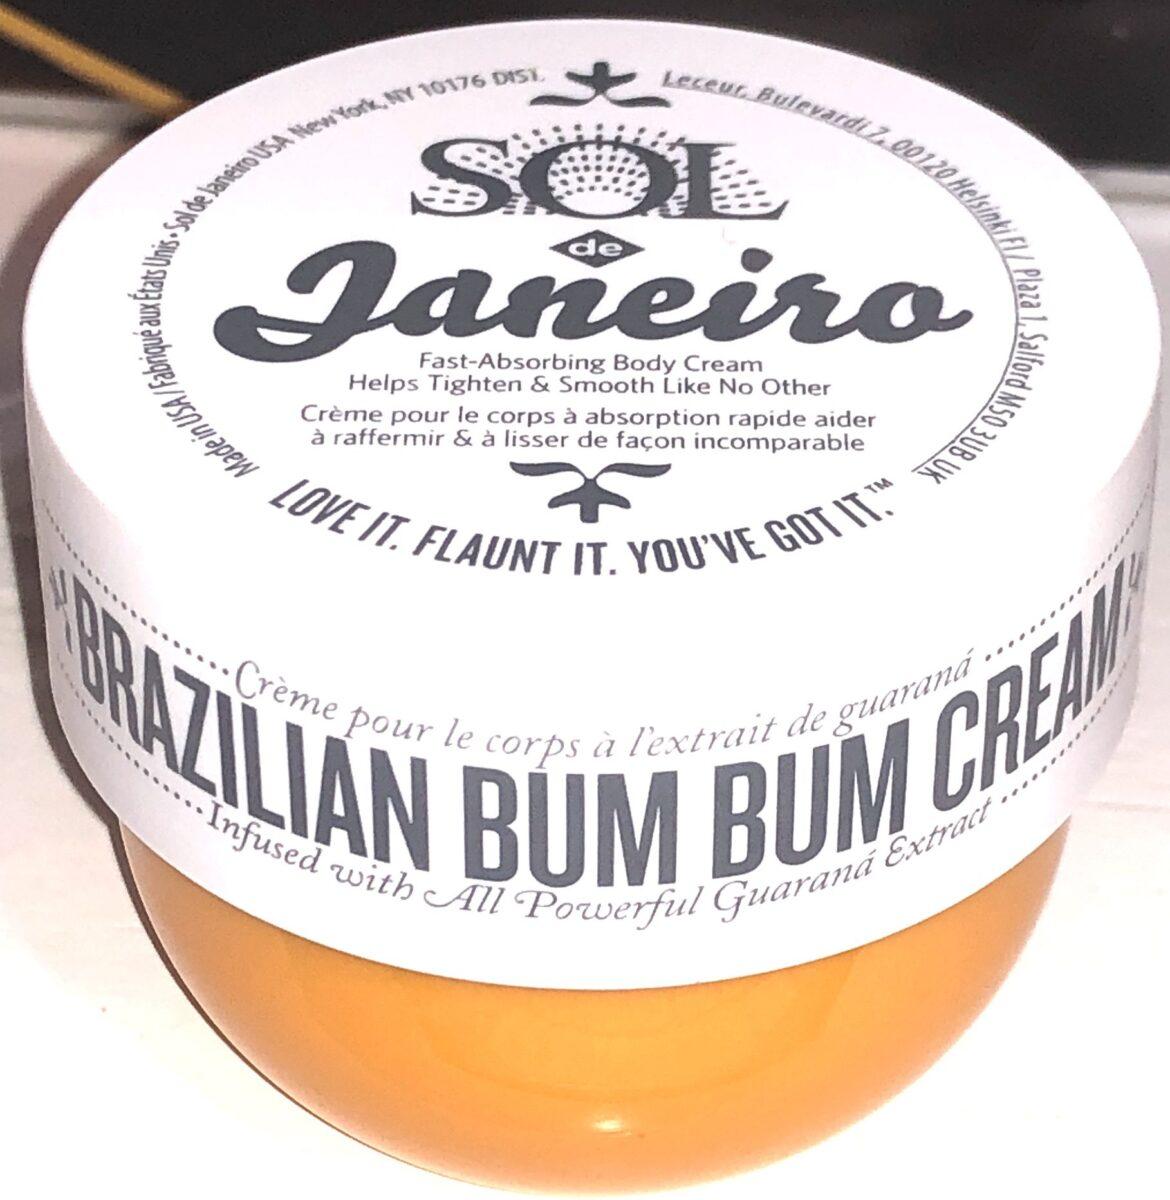 SOL JANEIRO BUM BUM CREAM JAR